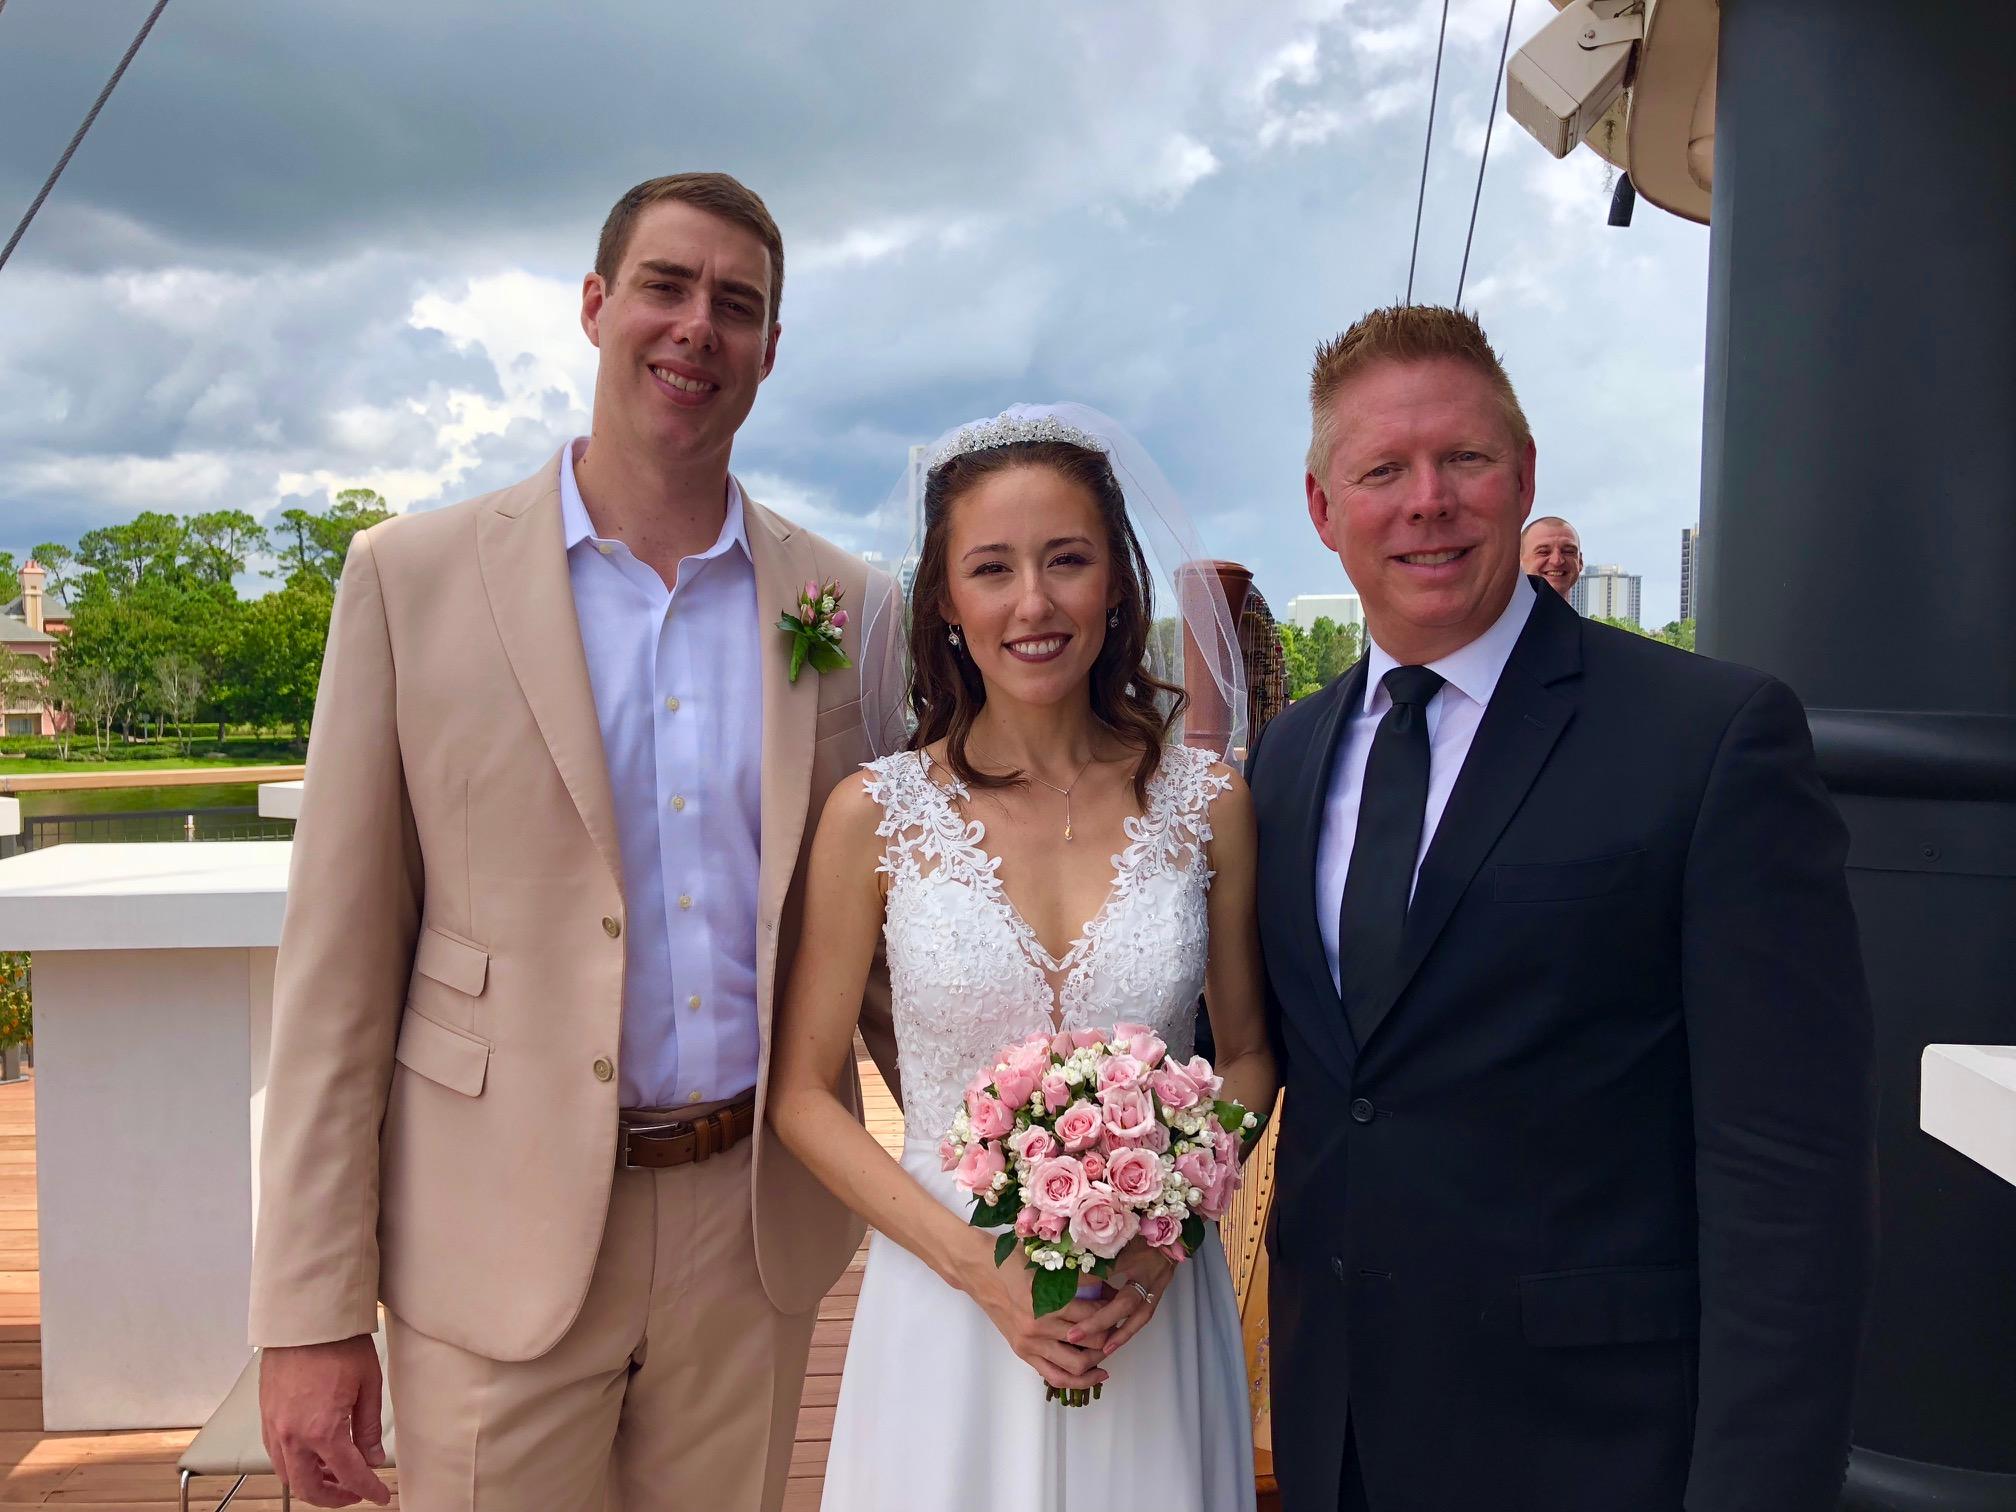 Stephen and Saaya married at Disney Springs